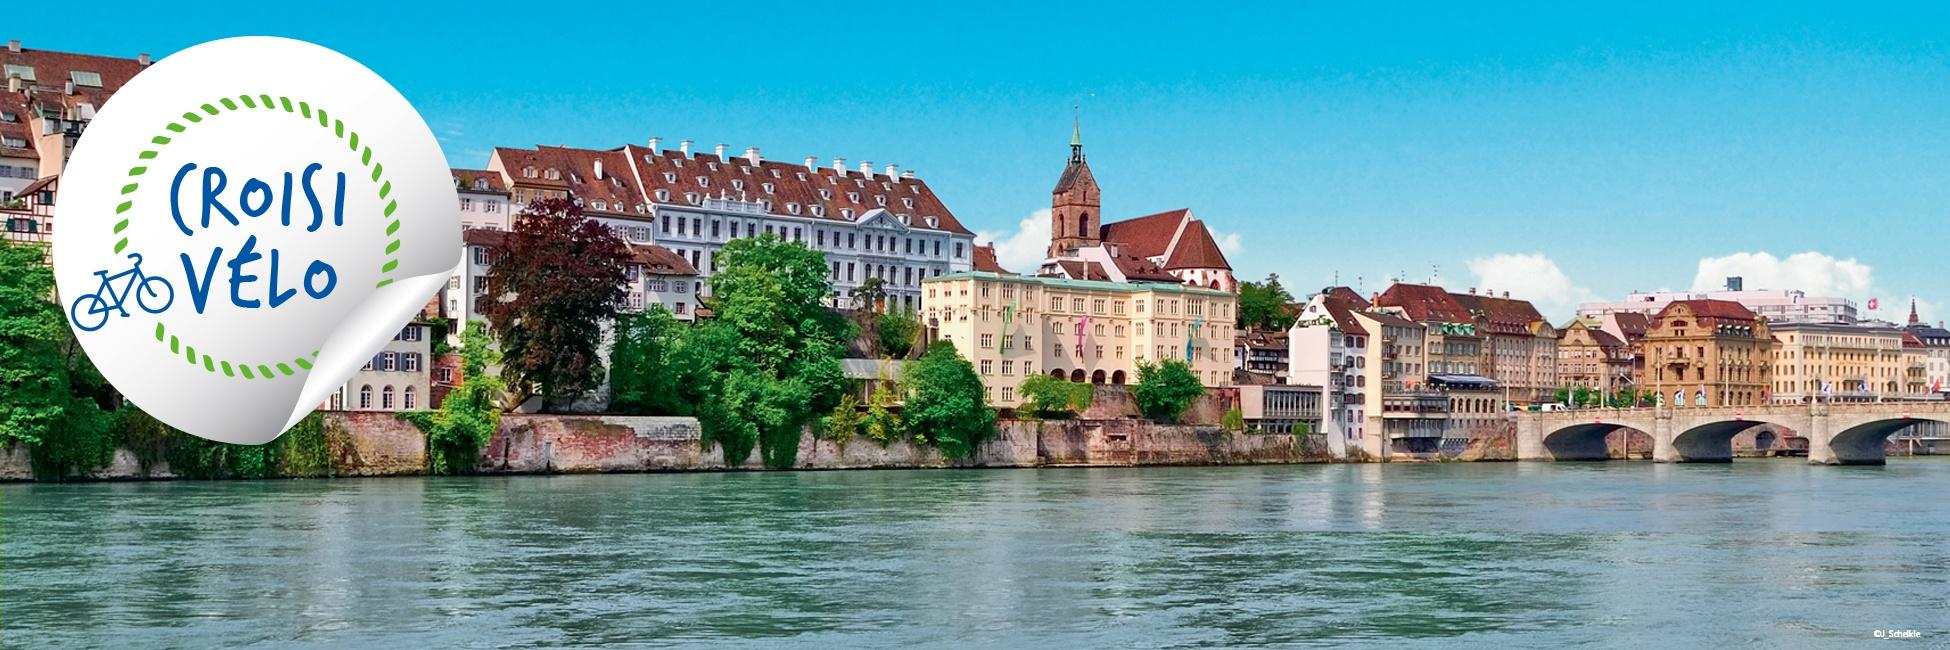 Bâle, Suisse